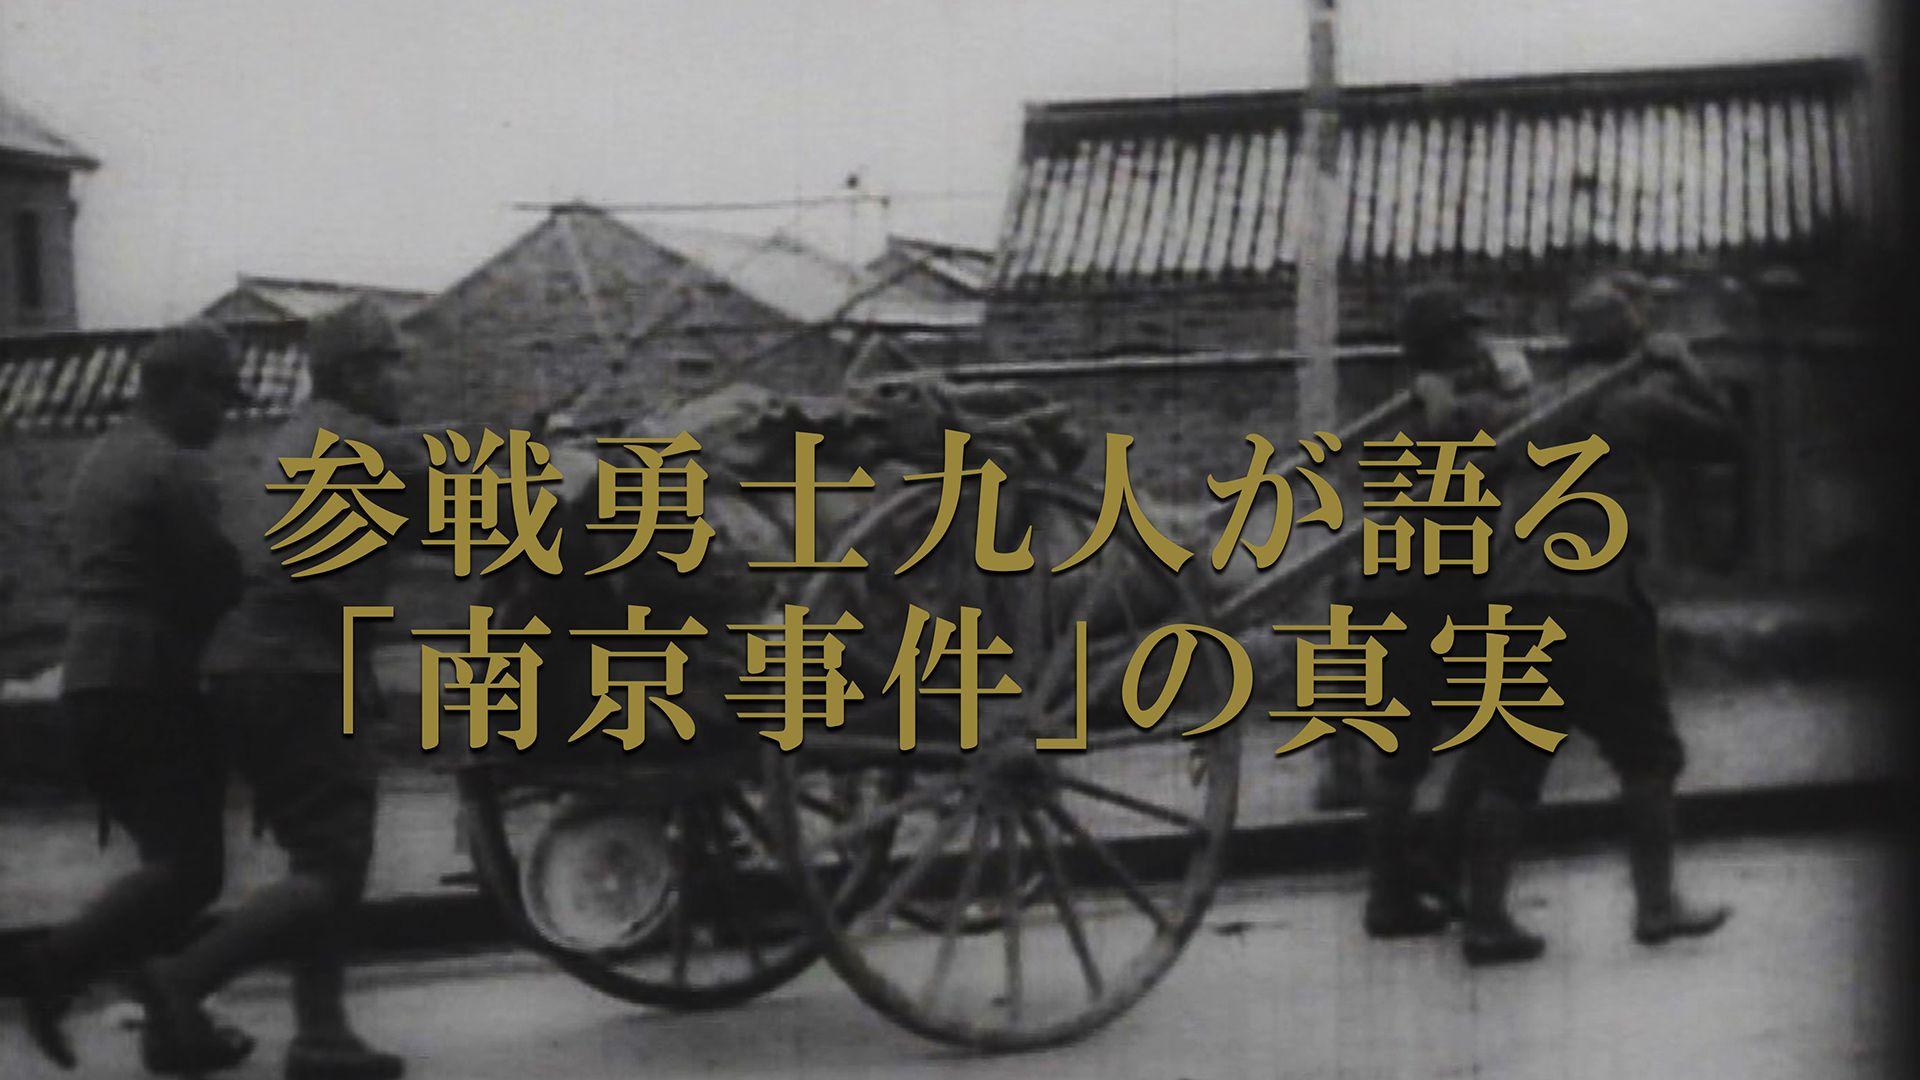 参戦勇士九人が語る「南京事件」の真実